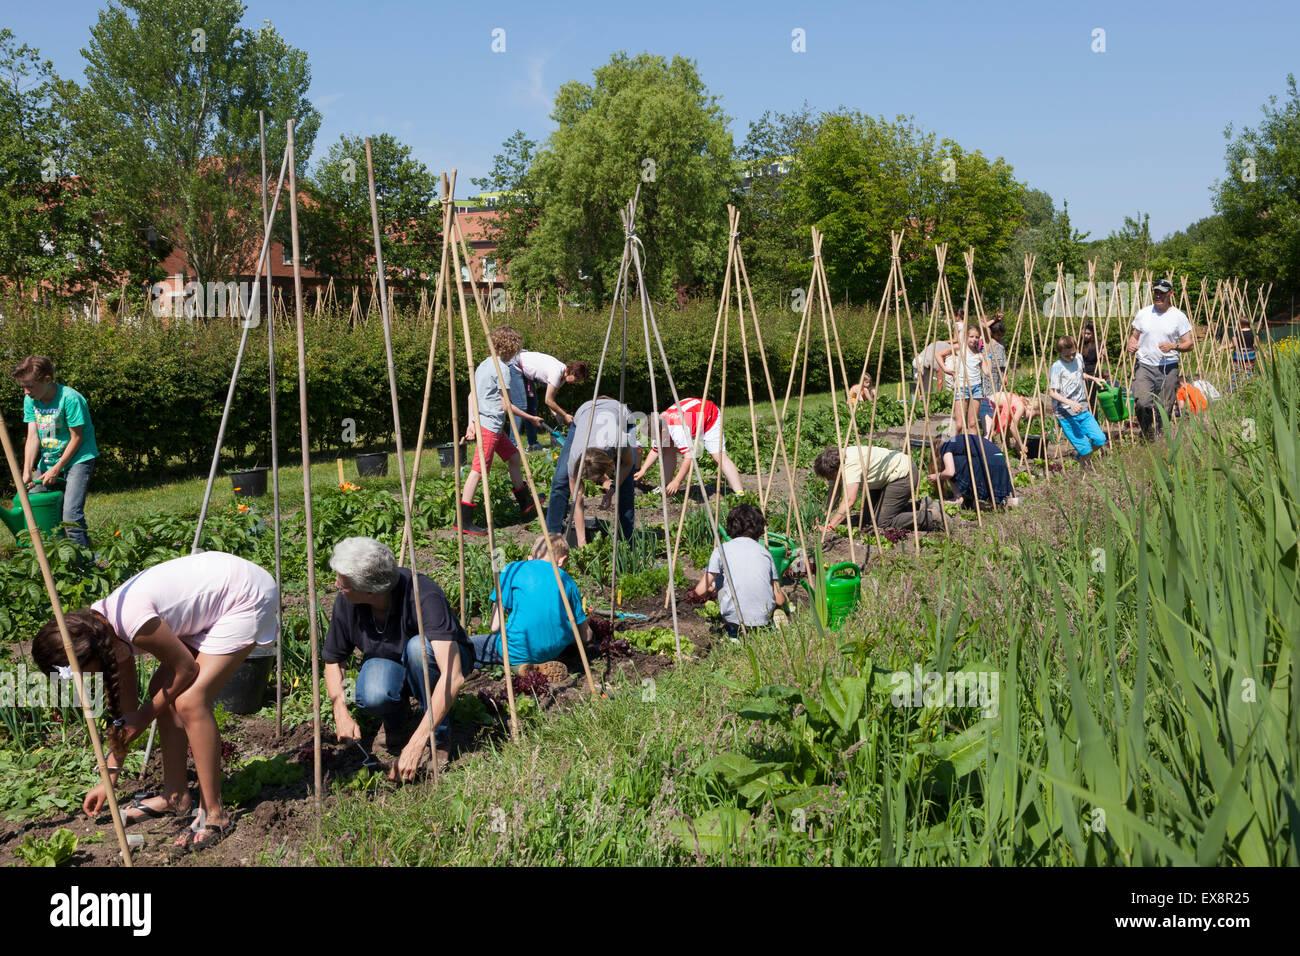 Les enfants qui travaillent dans leur jardin de l'école pour apprendre à cultiver des légumes Photo Stock